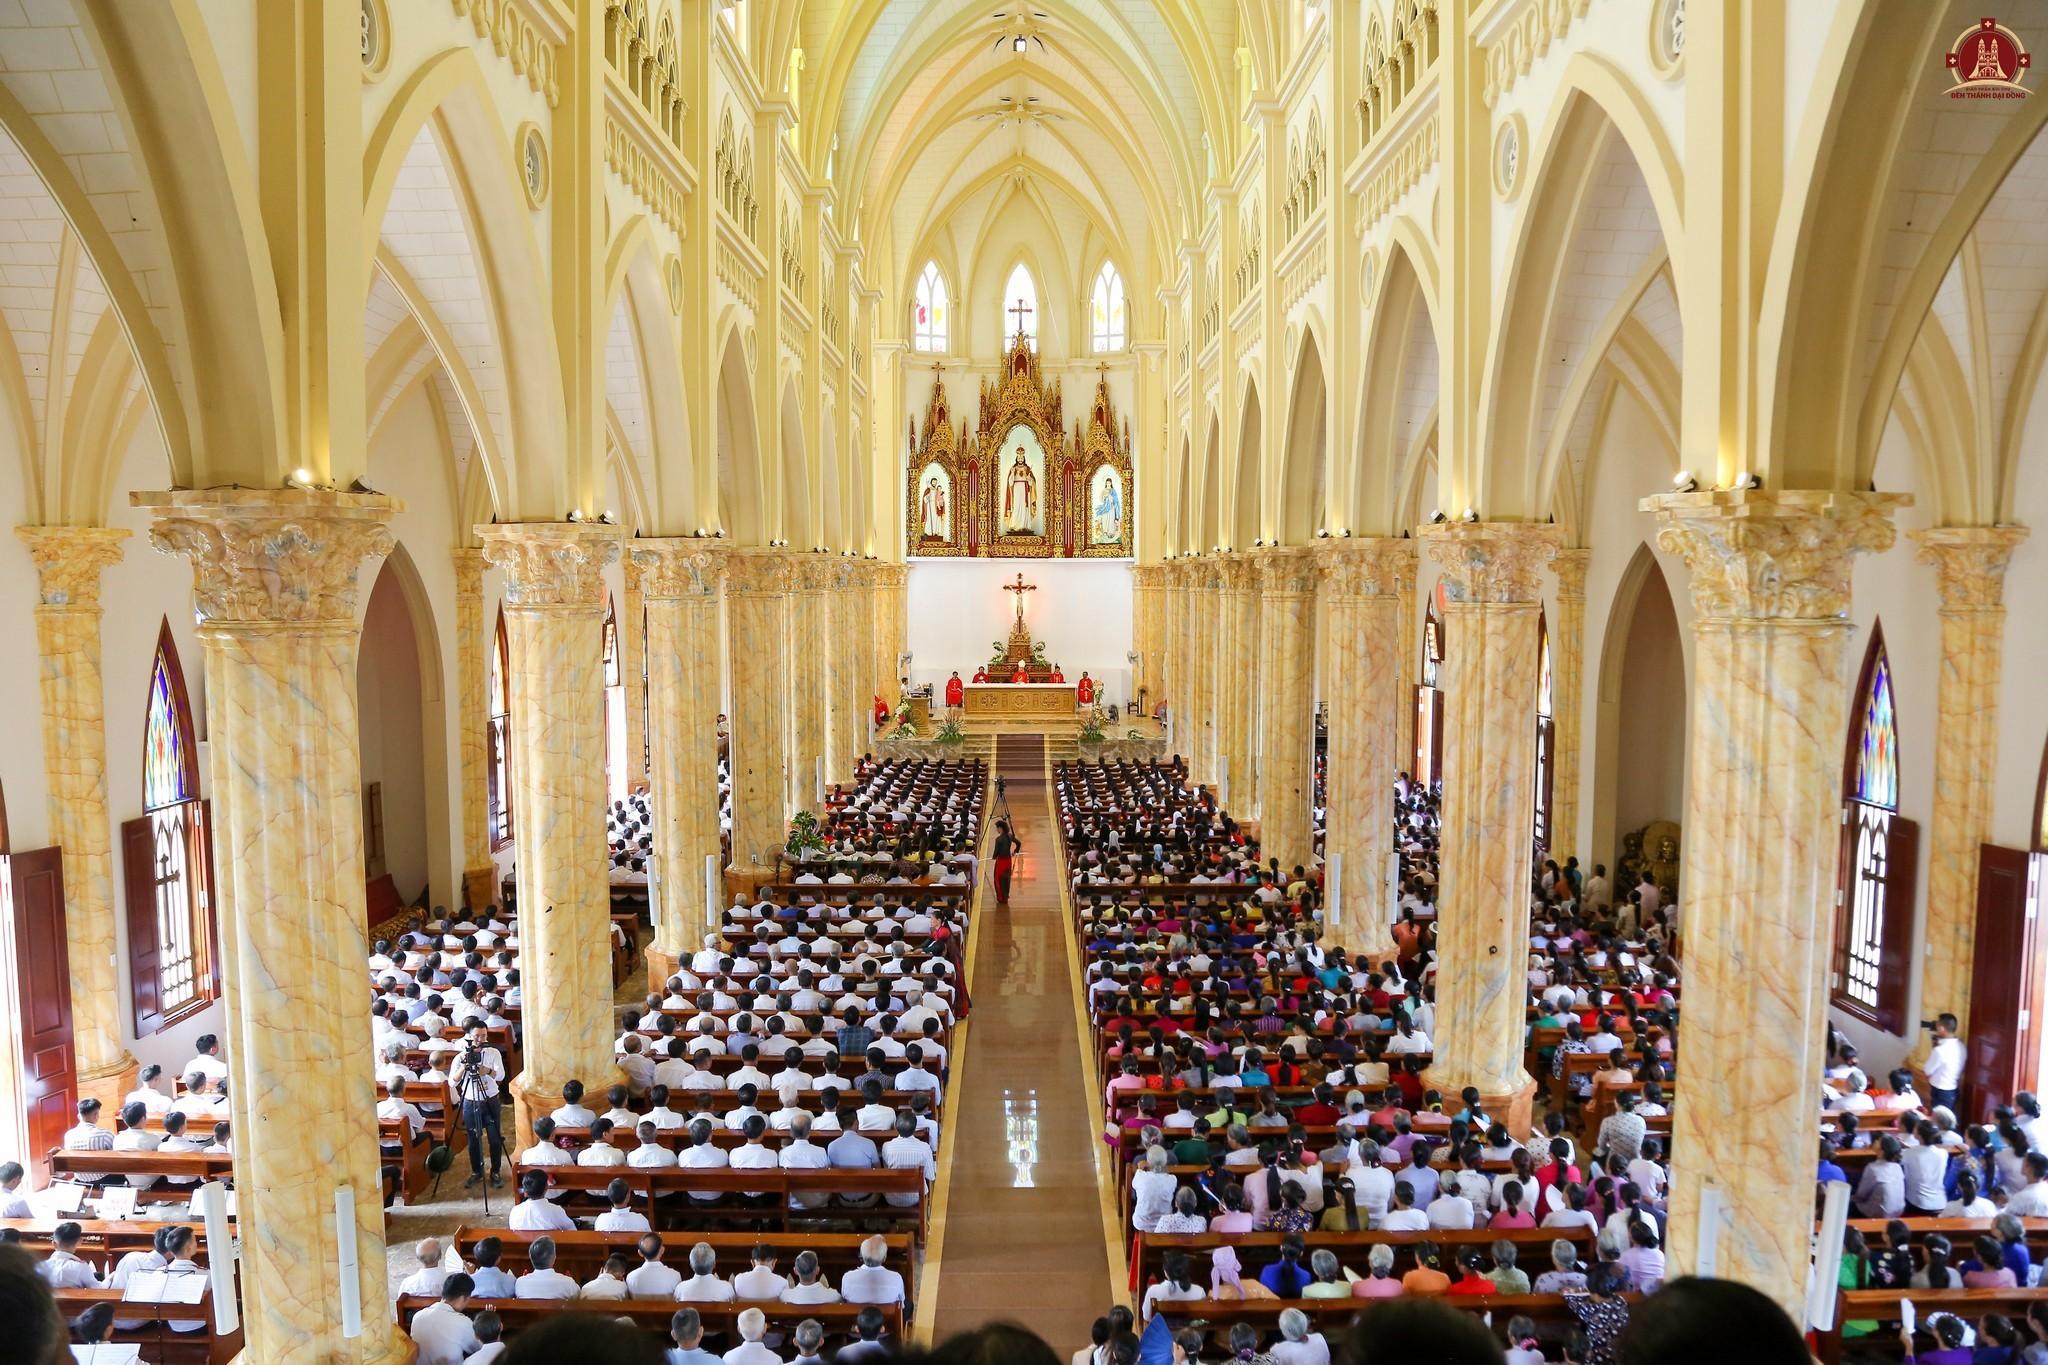 lắp đặt hệ thống âm thanh nhà thờ giáo xứ đại đồng bùi chu